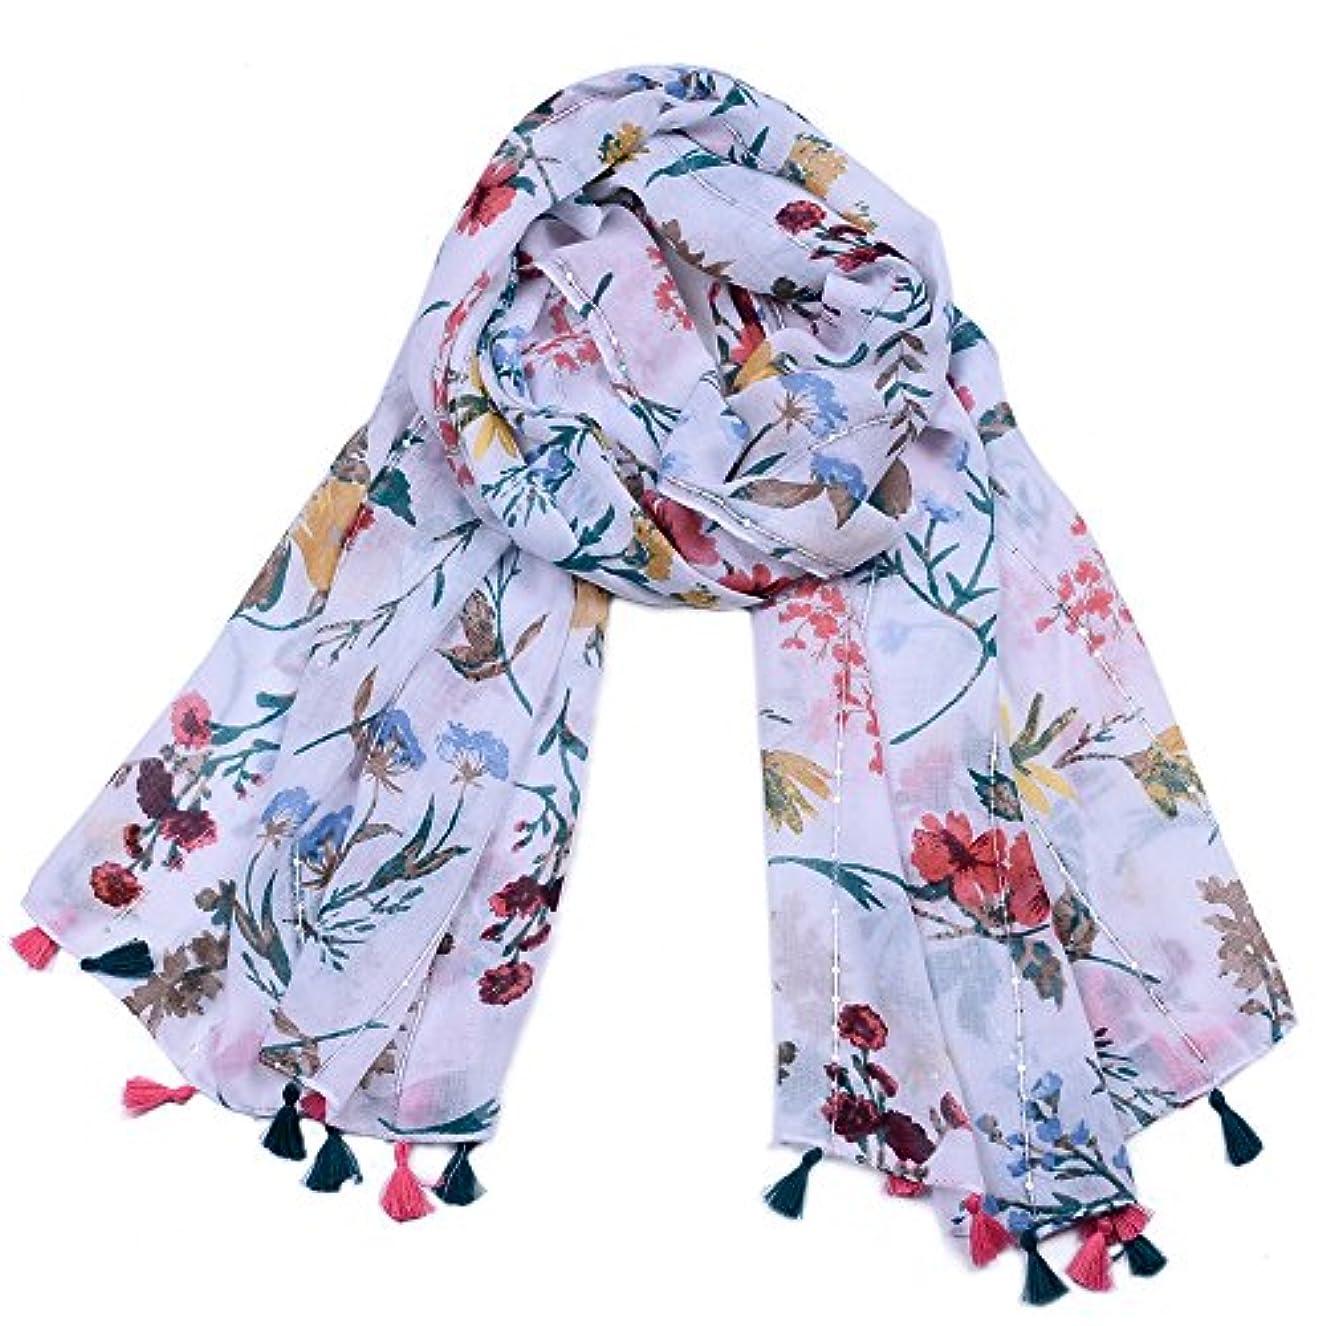 スタック章元気なXZP 春夏と秋のスカーフ、花柄のプリント、レディースショールズVoileイベントイブニングドレスウェディングパーティー素敵なギフト